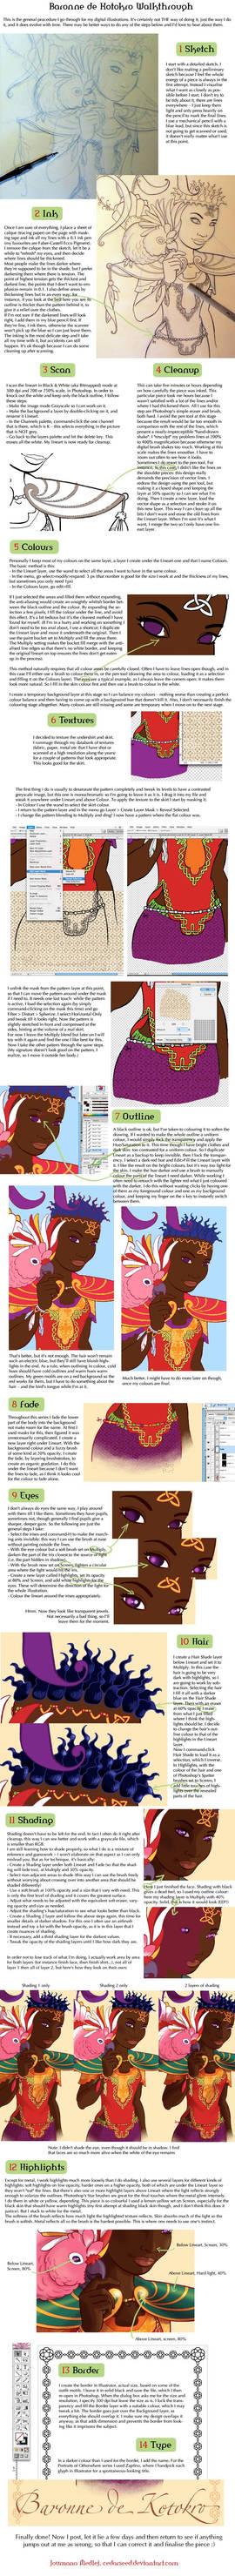 Baronne de Kotokro Walkthrough